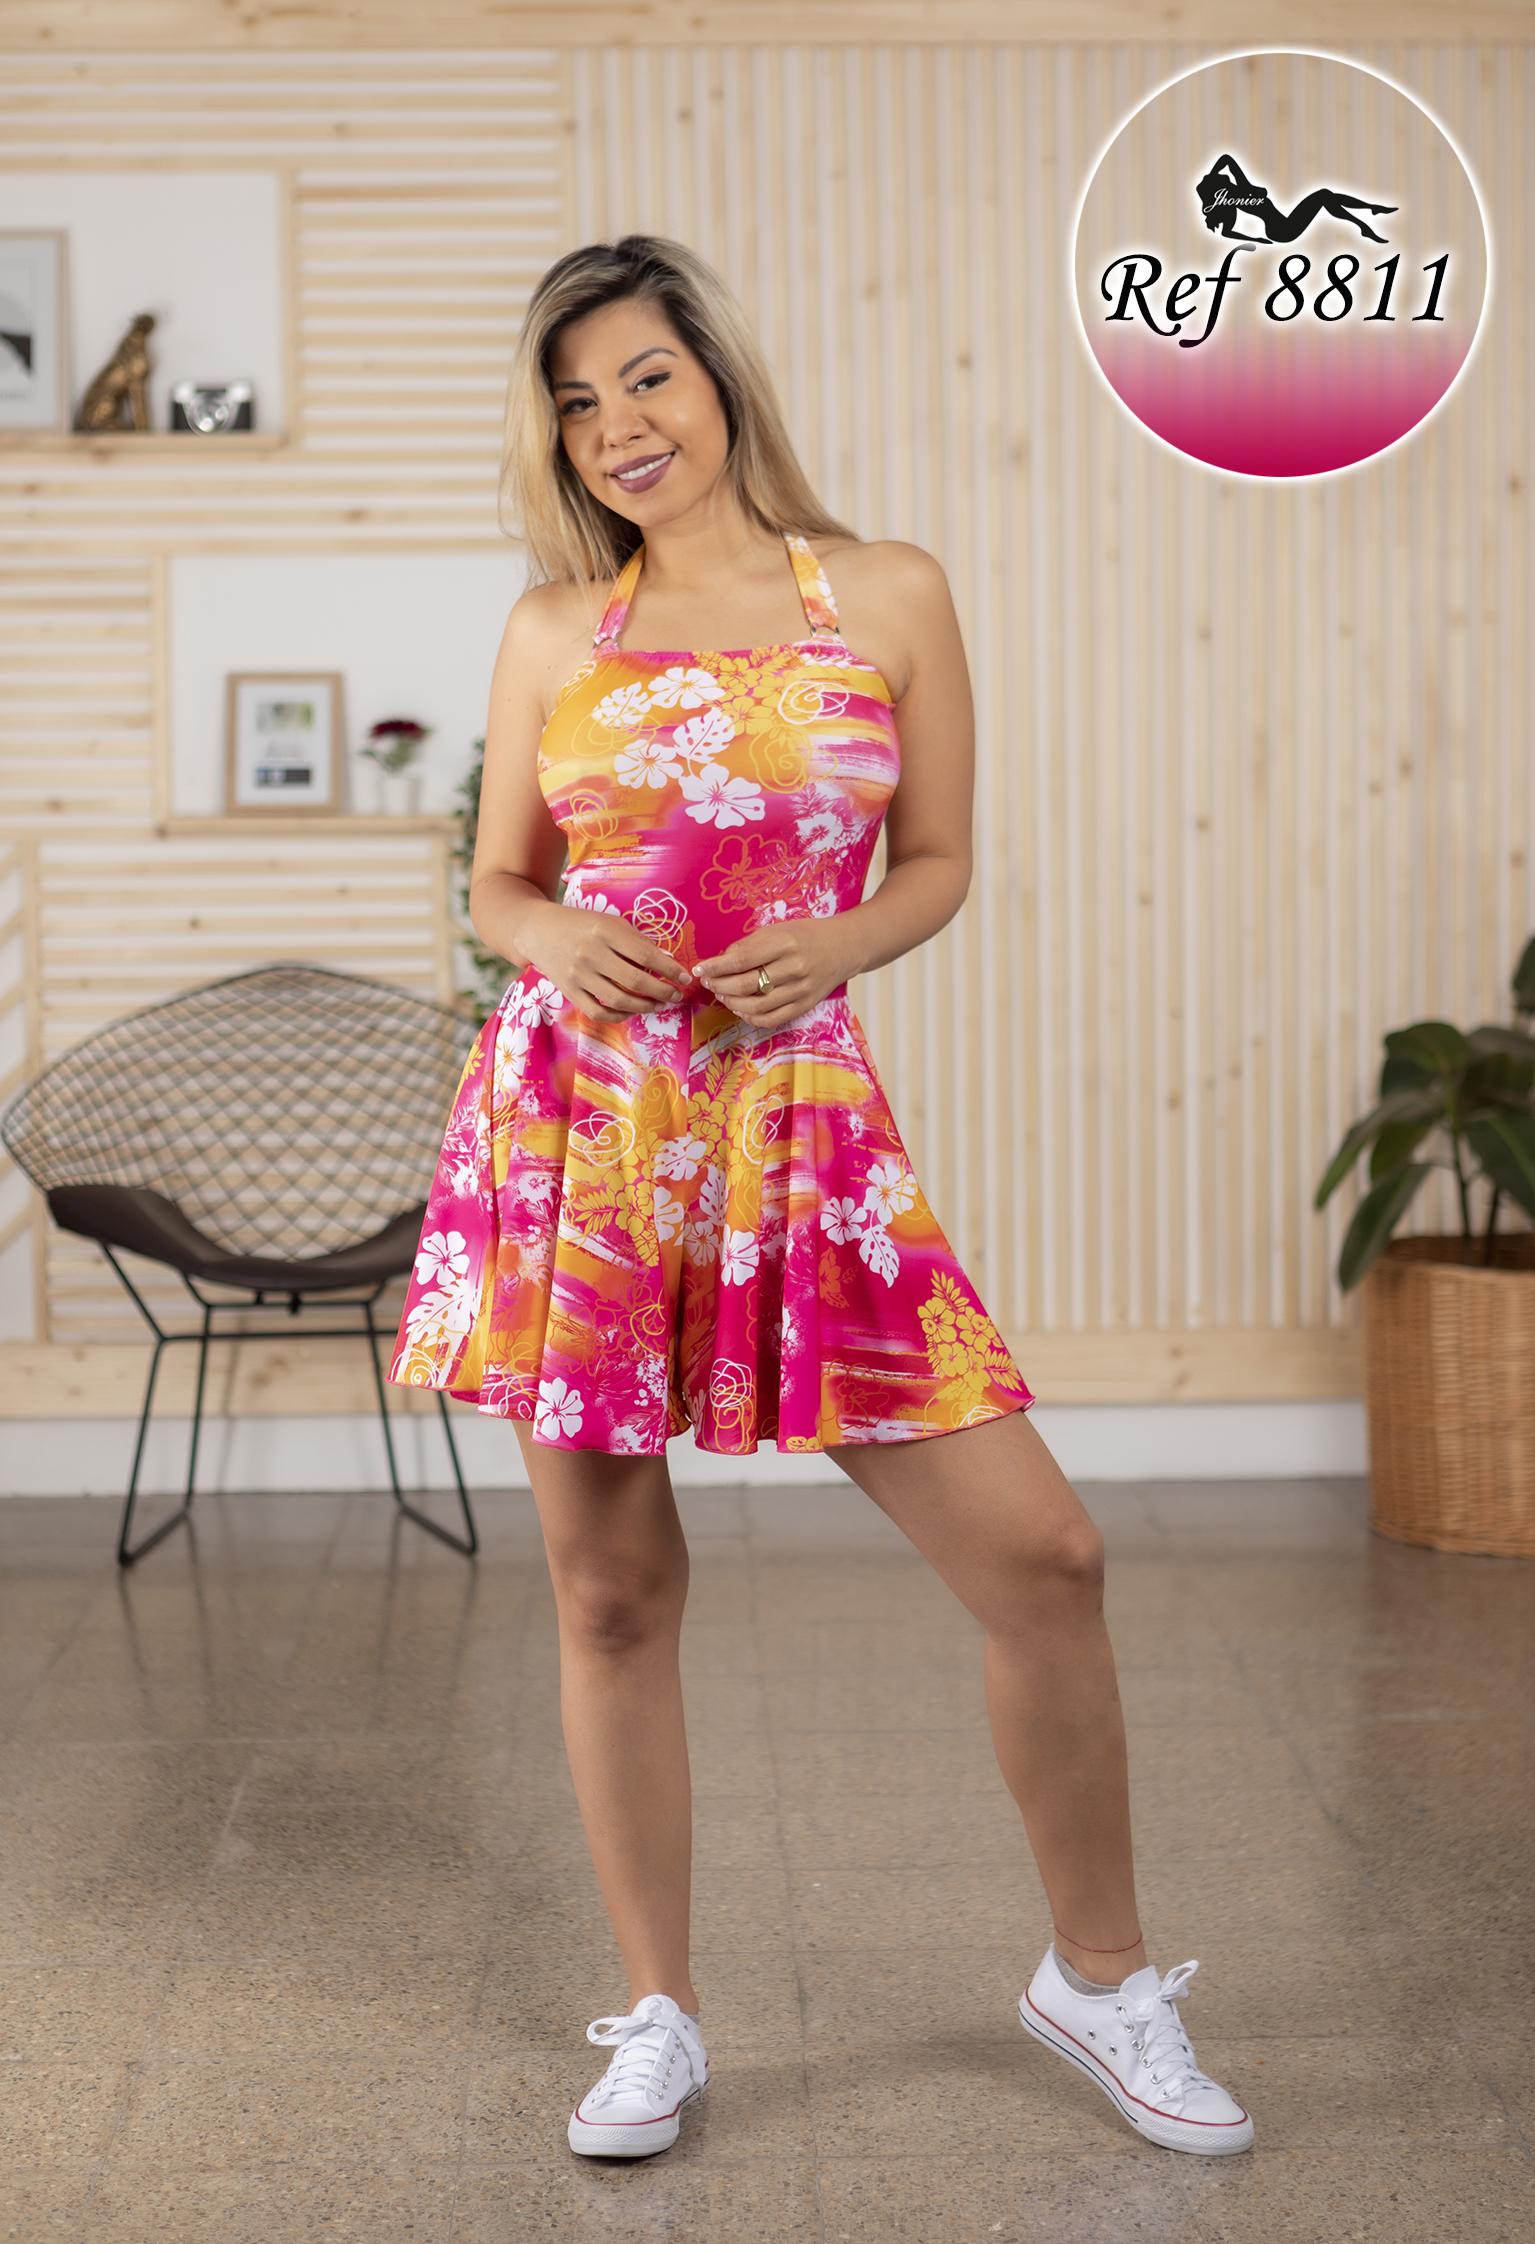 Vestido corto colombiano 8811